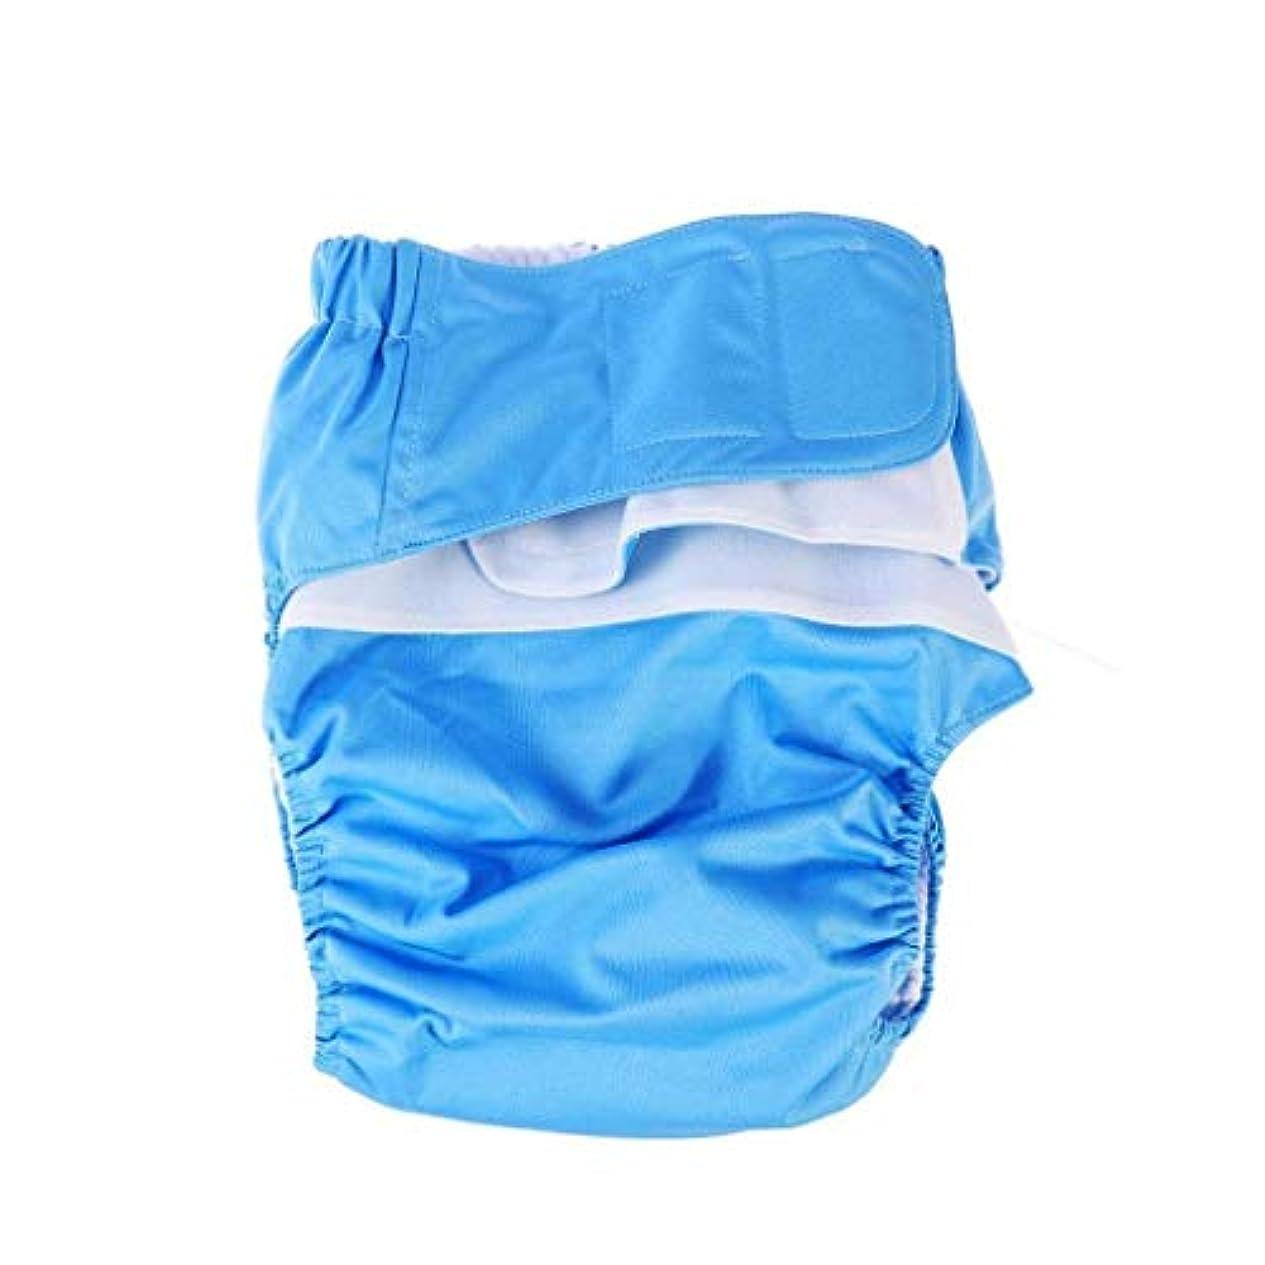 属性ジーンズ静かに大人の調節可能で再使用可能な洗濯可能な失禁用パンツパッドナッピーおむつニッカー